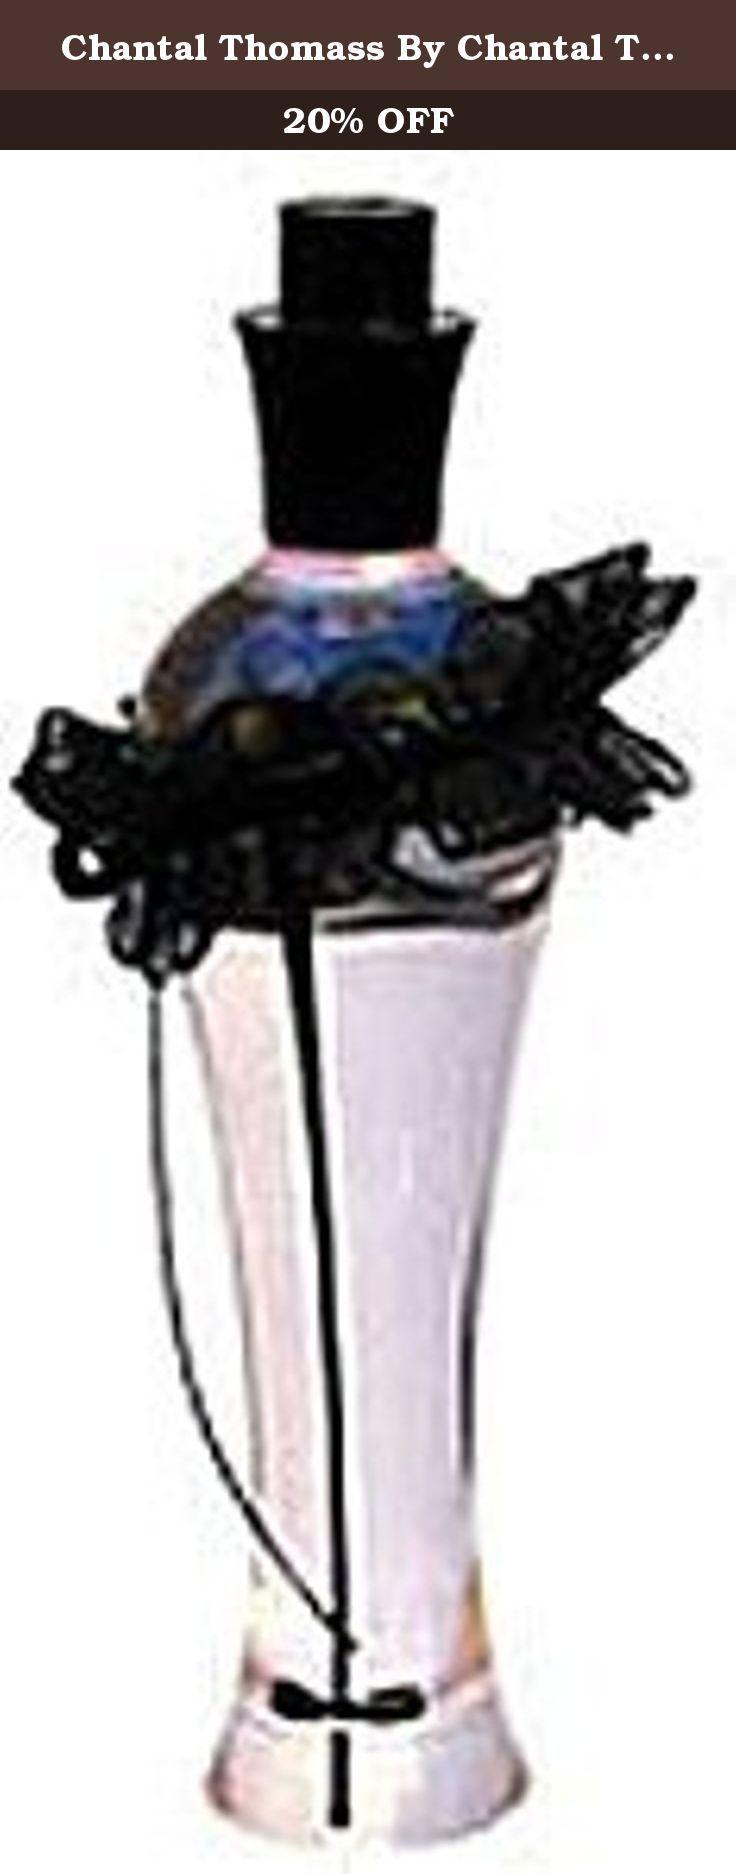 Chantal Thomass By Chantal Thomass For Women. Eau De Parfum Spray 1.6 Oz. Chantal Thomass for Women Eau De Parfum Spray 1.6 Oz / 50 Ml.